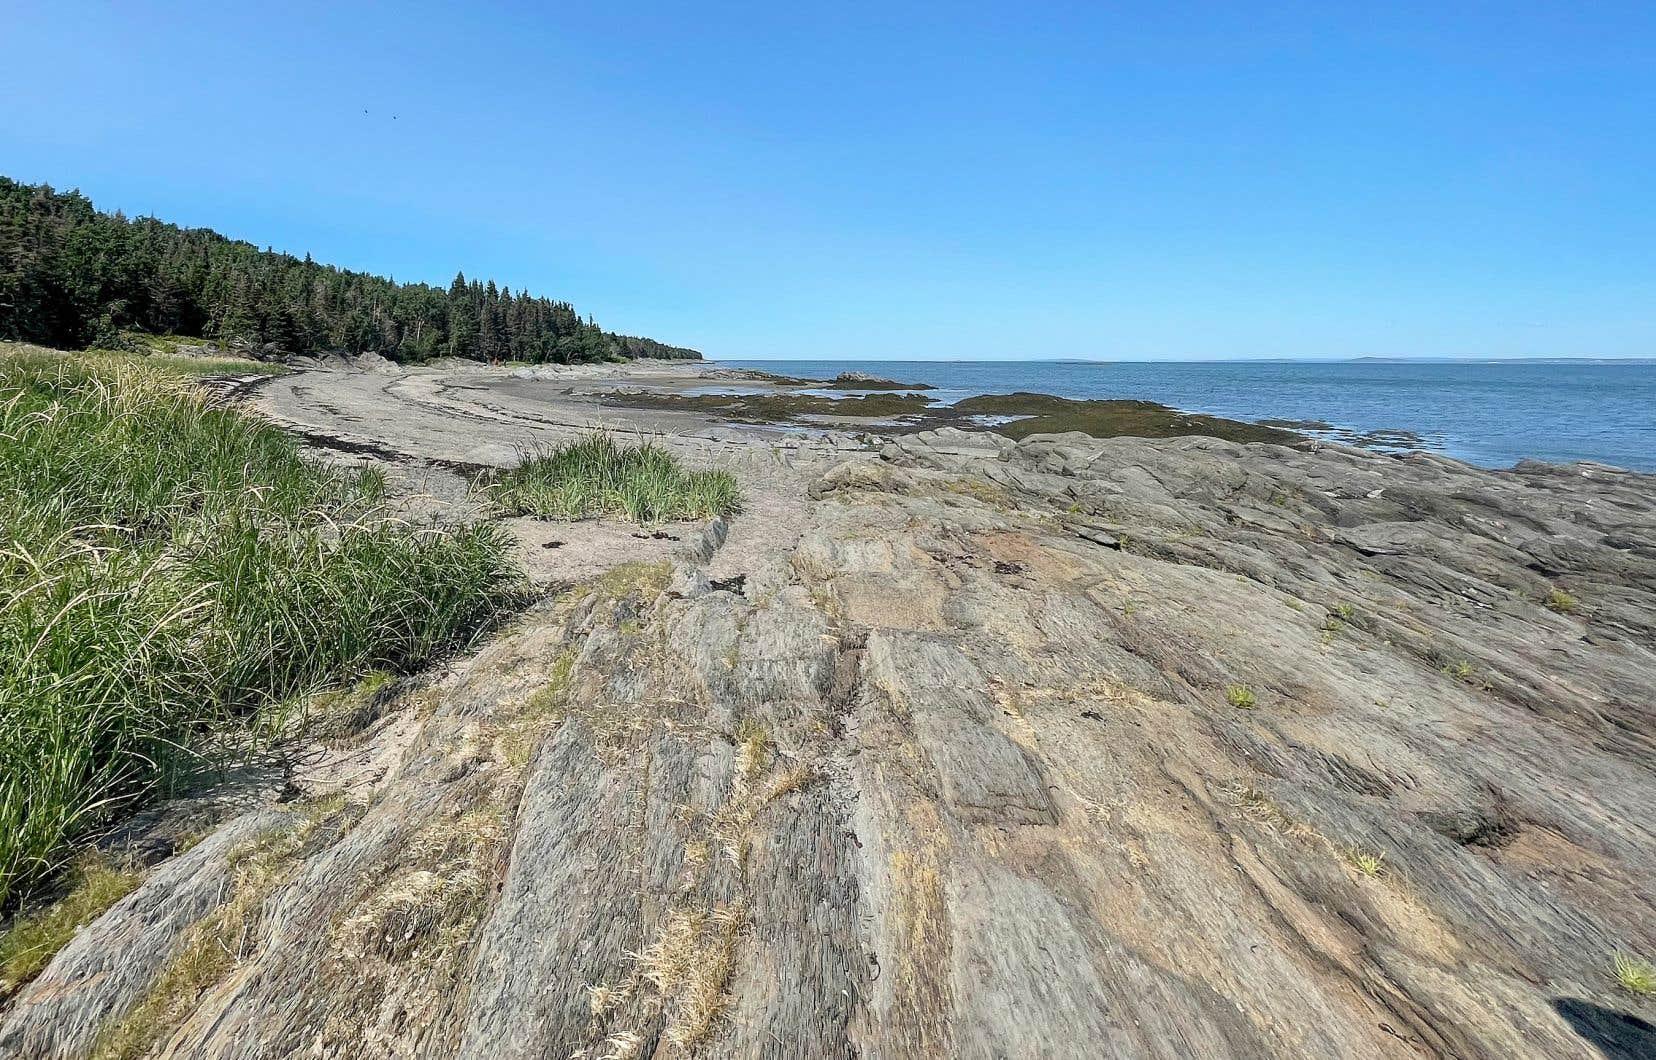 À une vingtaine de minutes de bateau de Rivière-du-Loup, l'île aux Lièvres est l'endroit tout indiqué pour une pause d'humains.